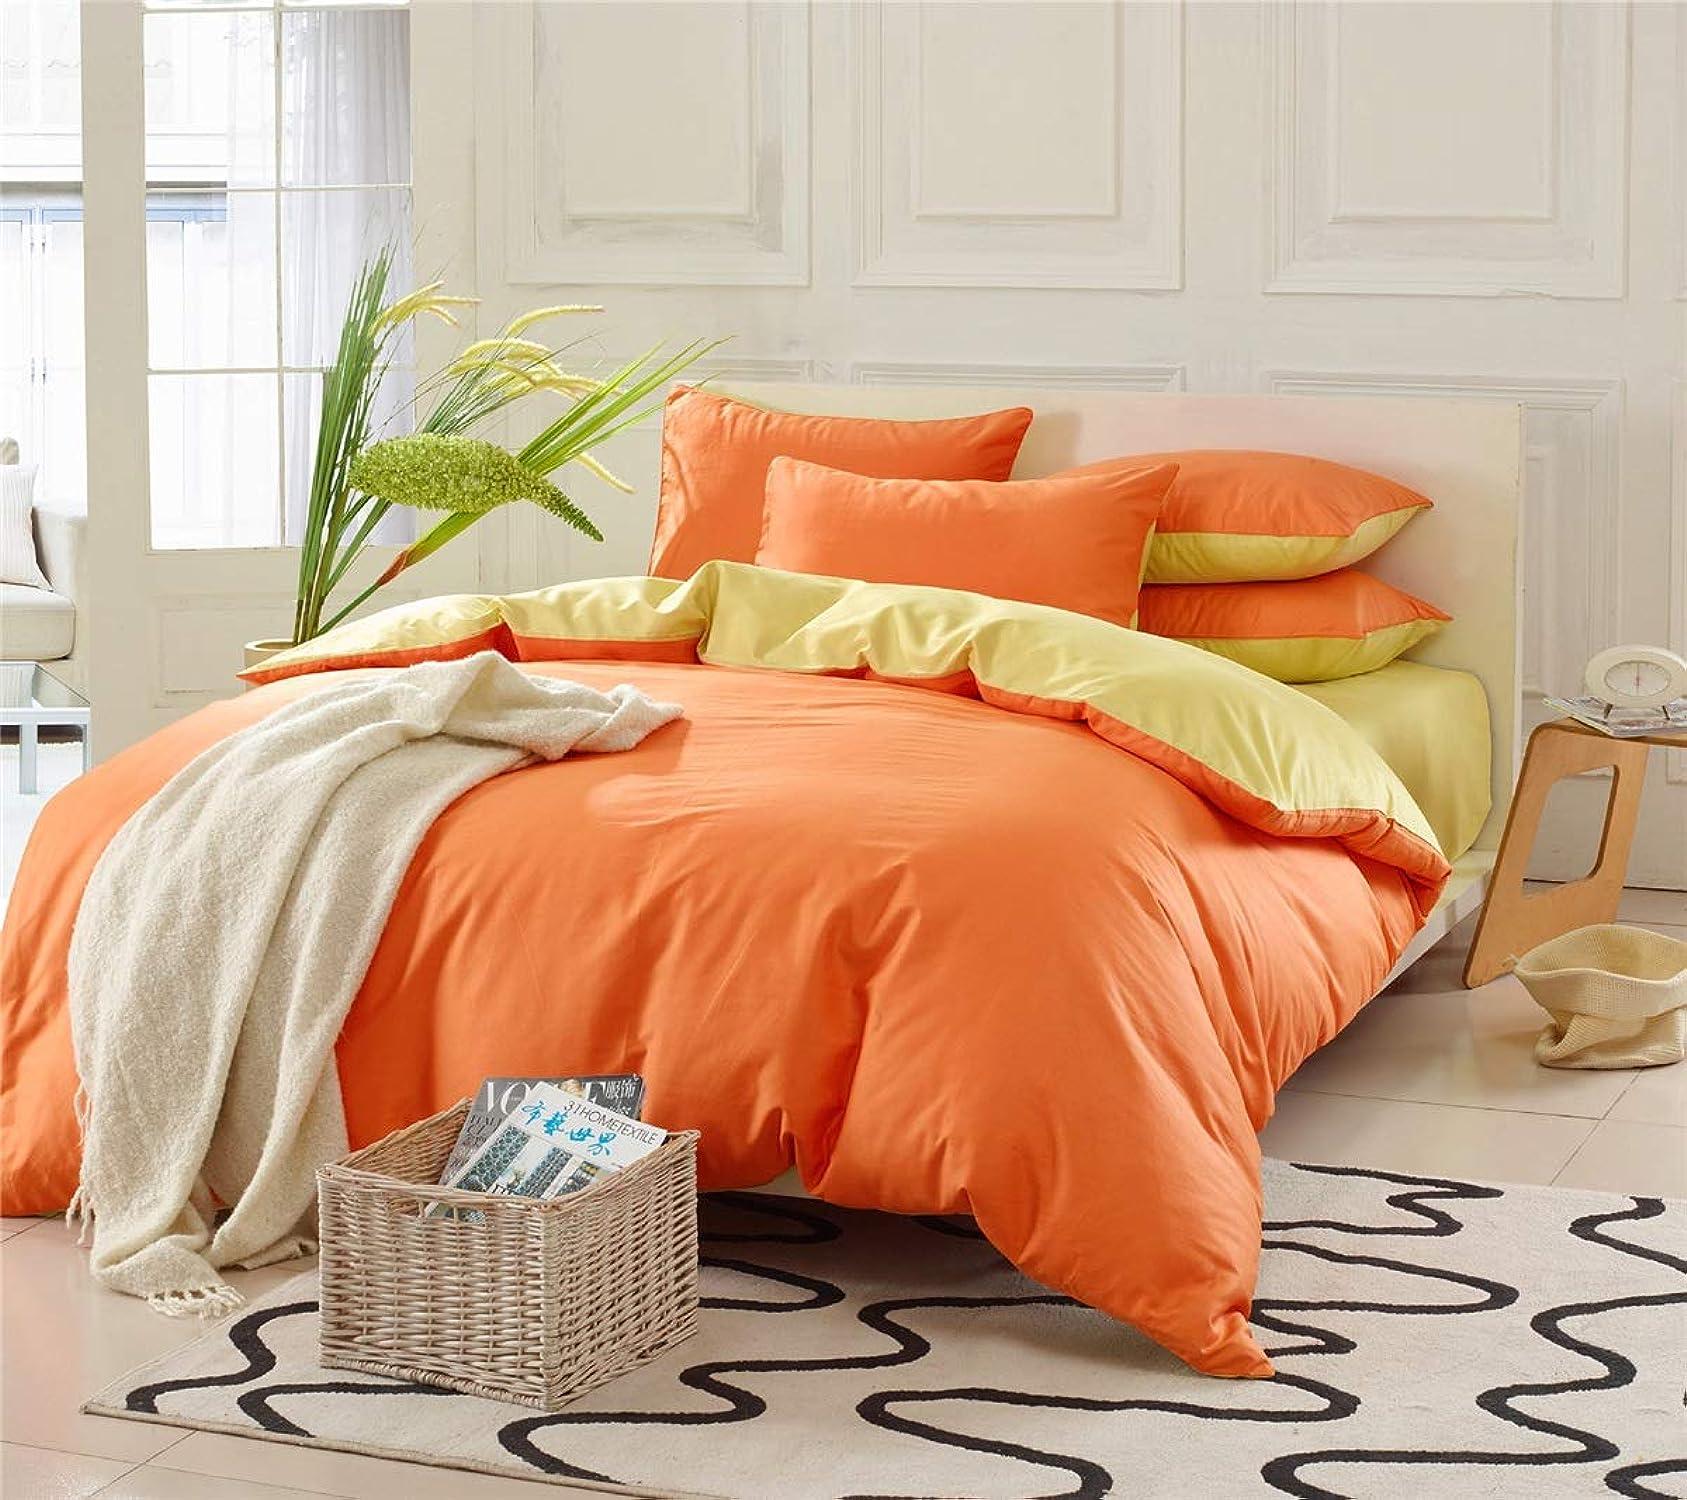 Couvre-lit de couleur unie en pur coton biCouleure couvre quatre ensembles. (Couleur   Orange, Taille   200x230)